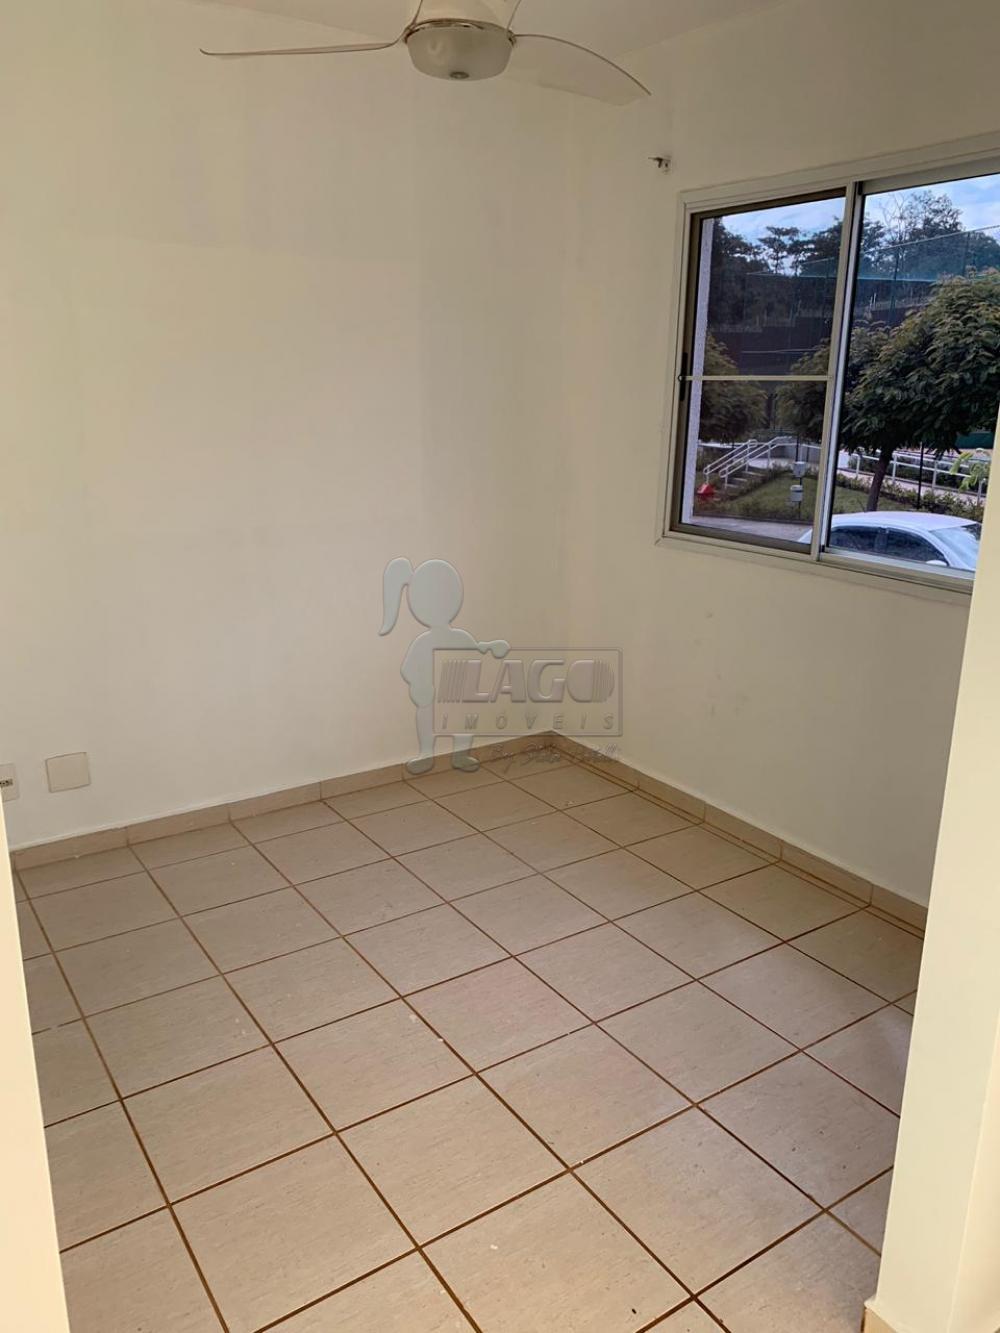 Comprar Casas / Condomínio em Ribeirão Preto apenas R$ 460.000,00 - Foto 10